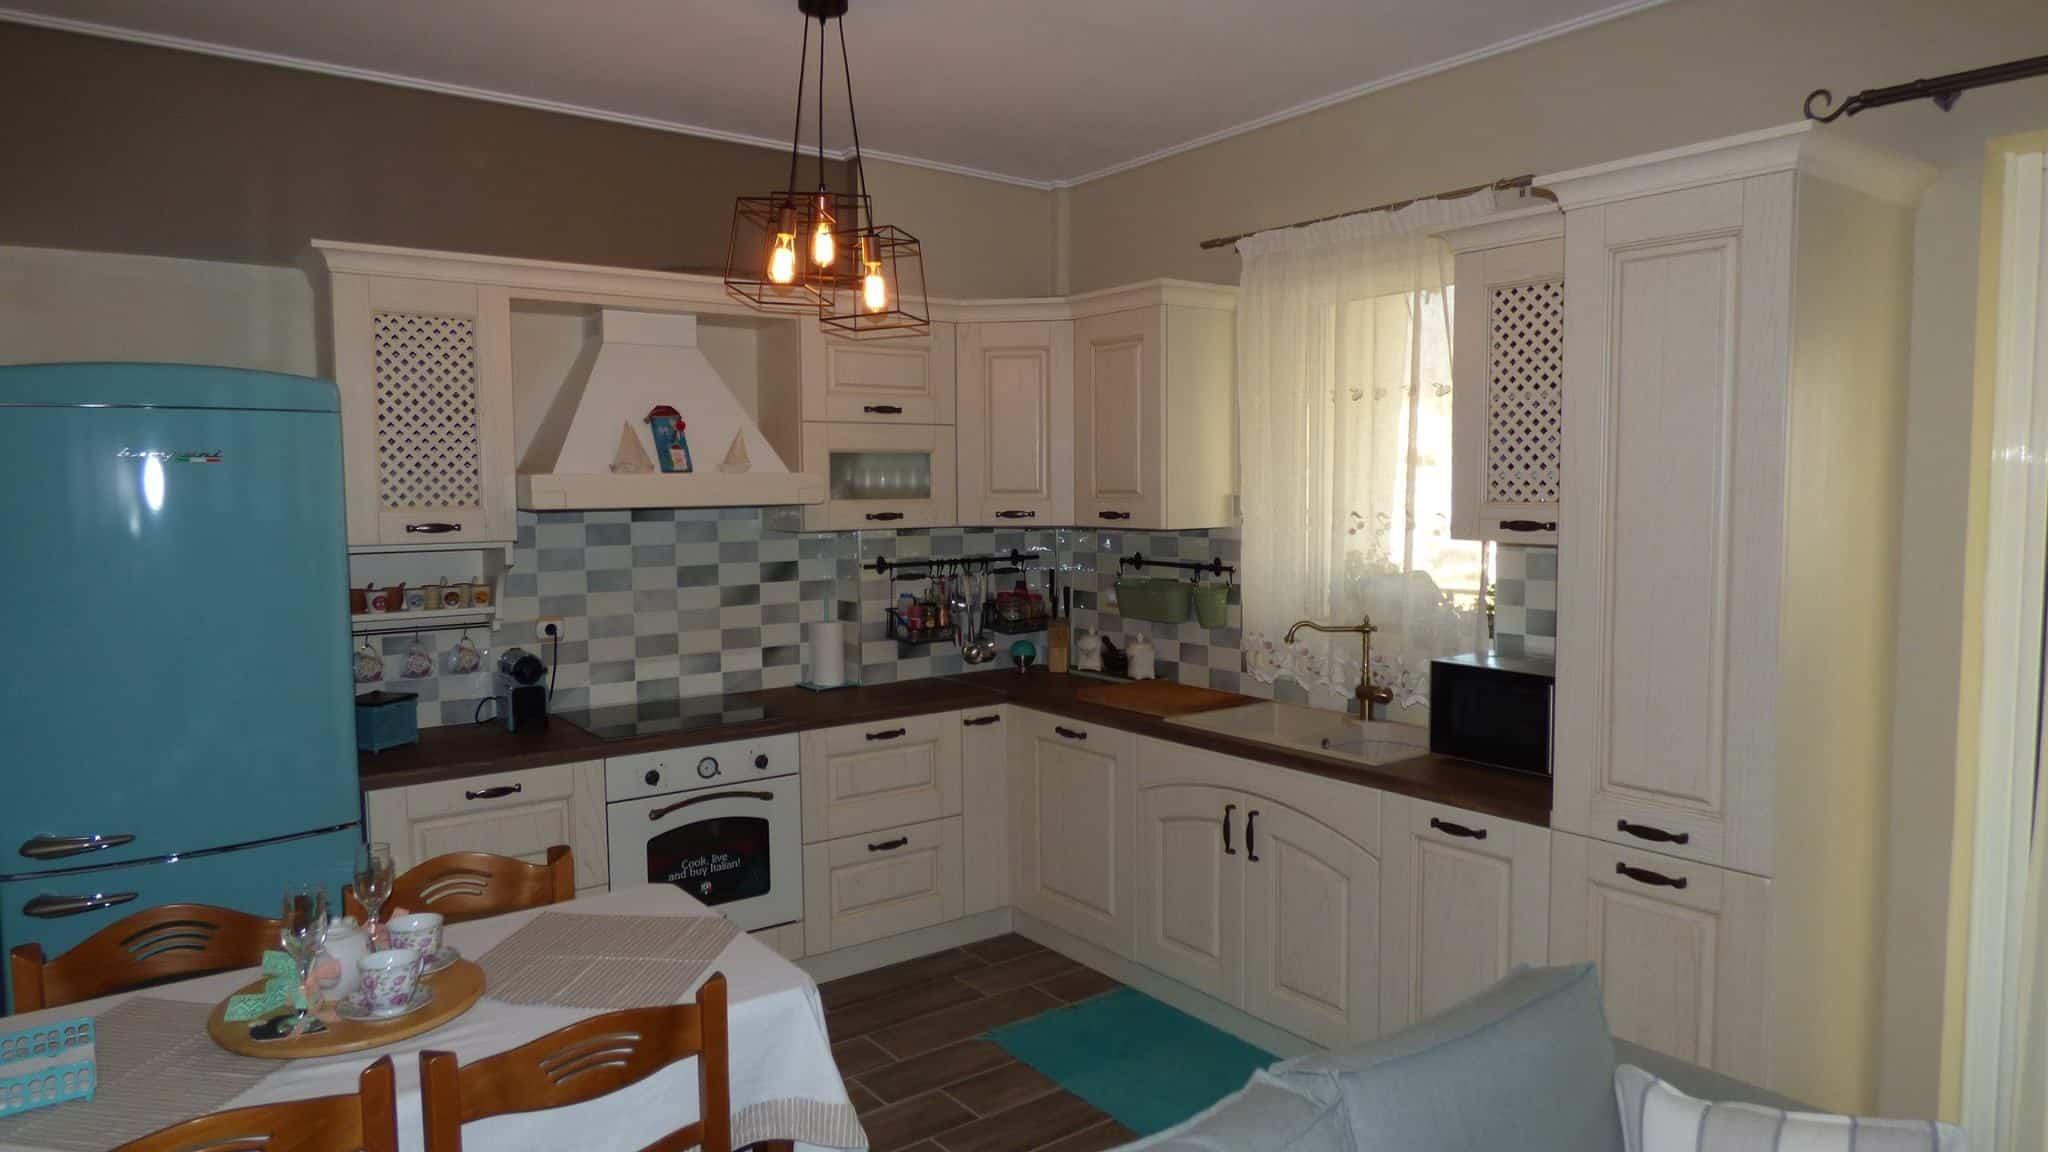 Ανακαίνιση Κουζίνας Αγ.Δημήτριος Επιπλα Κουζινας μασίφ πορτάκι Μοντέλο Olivia 5